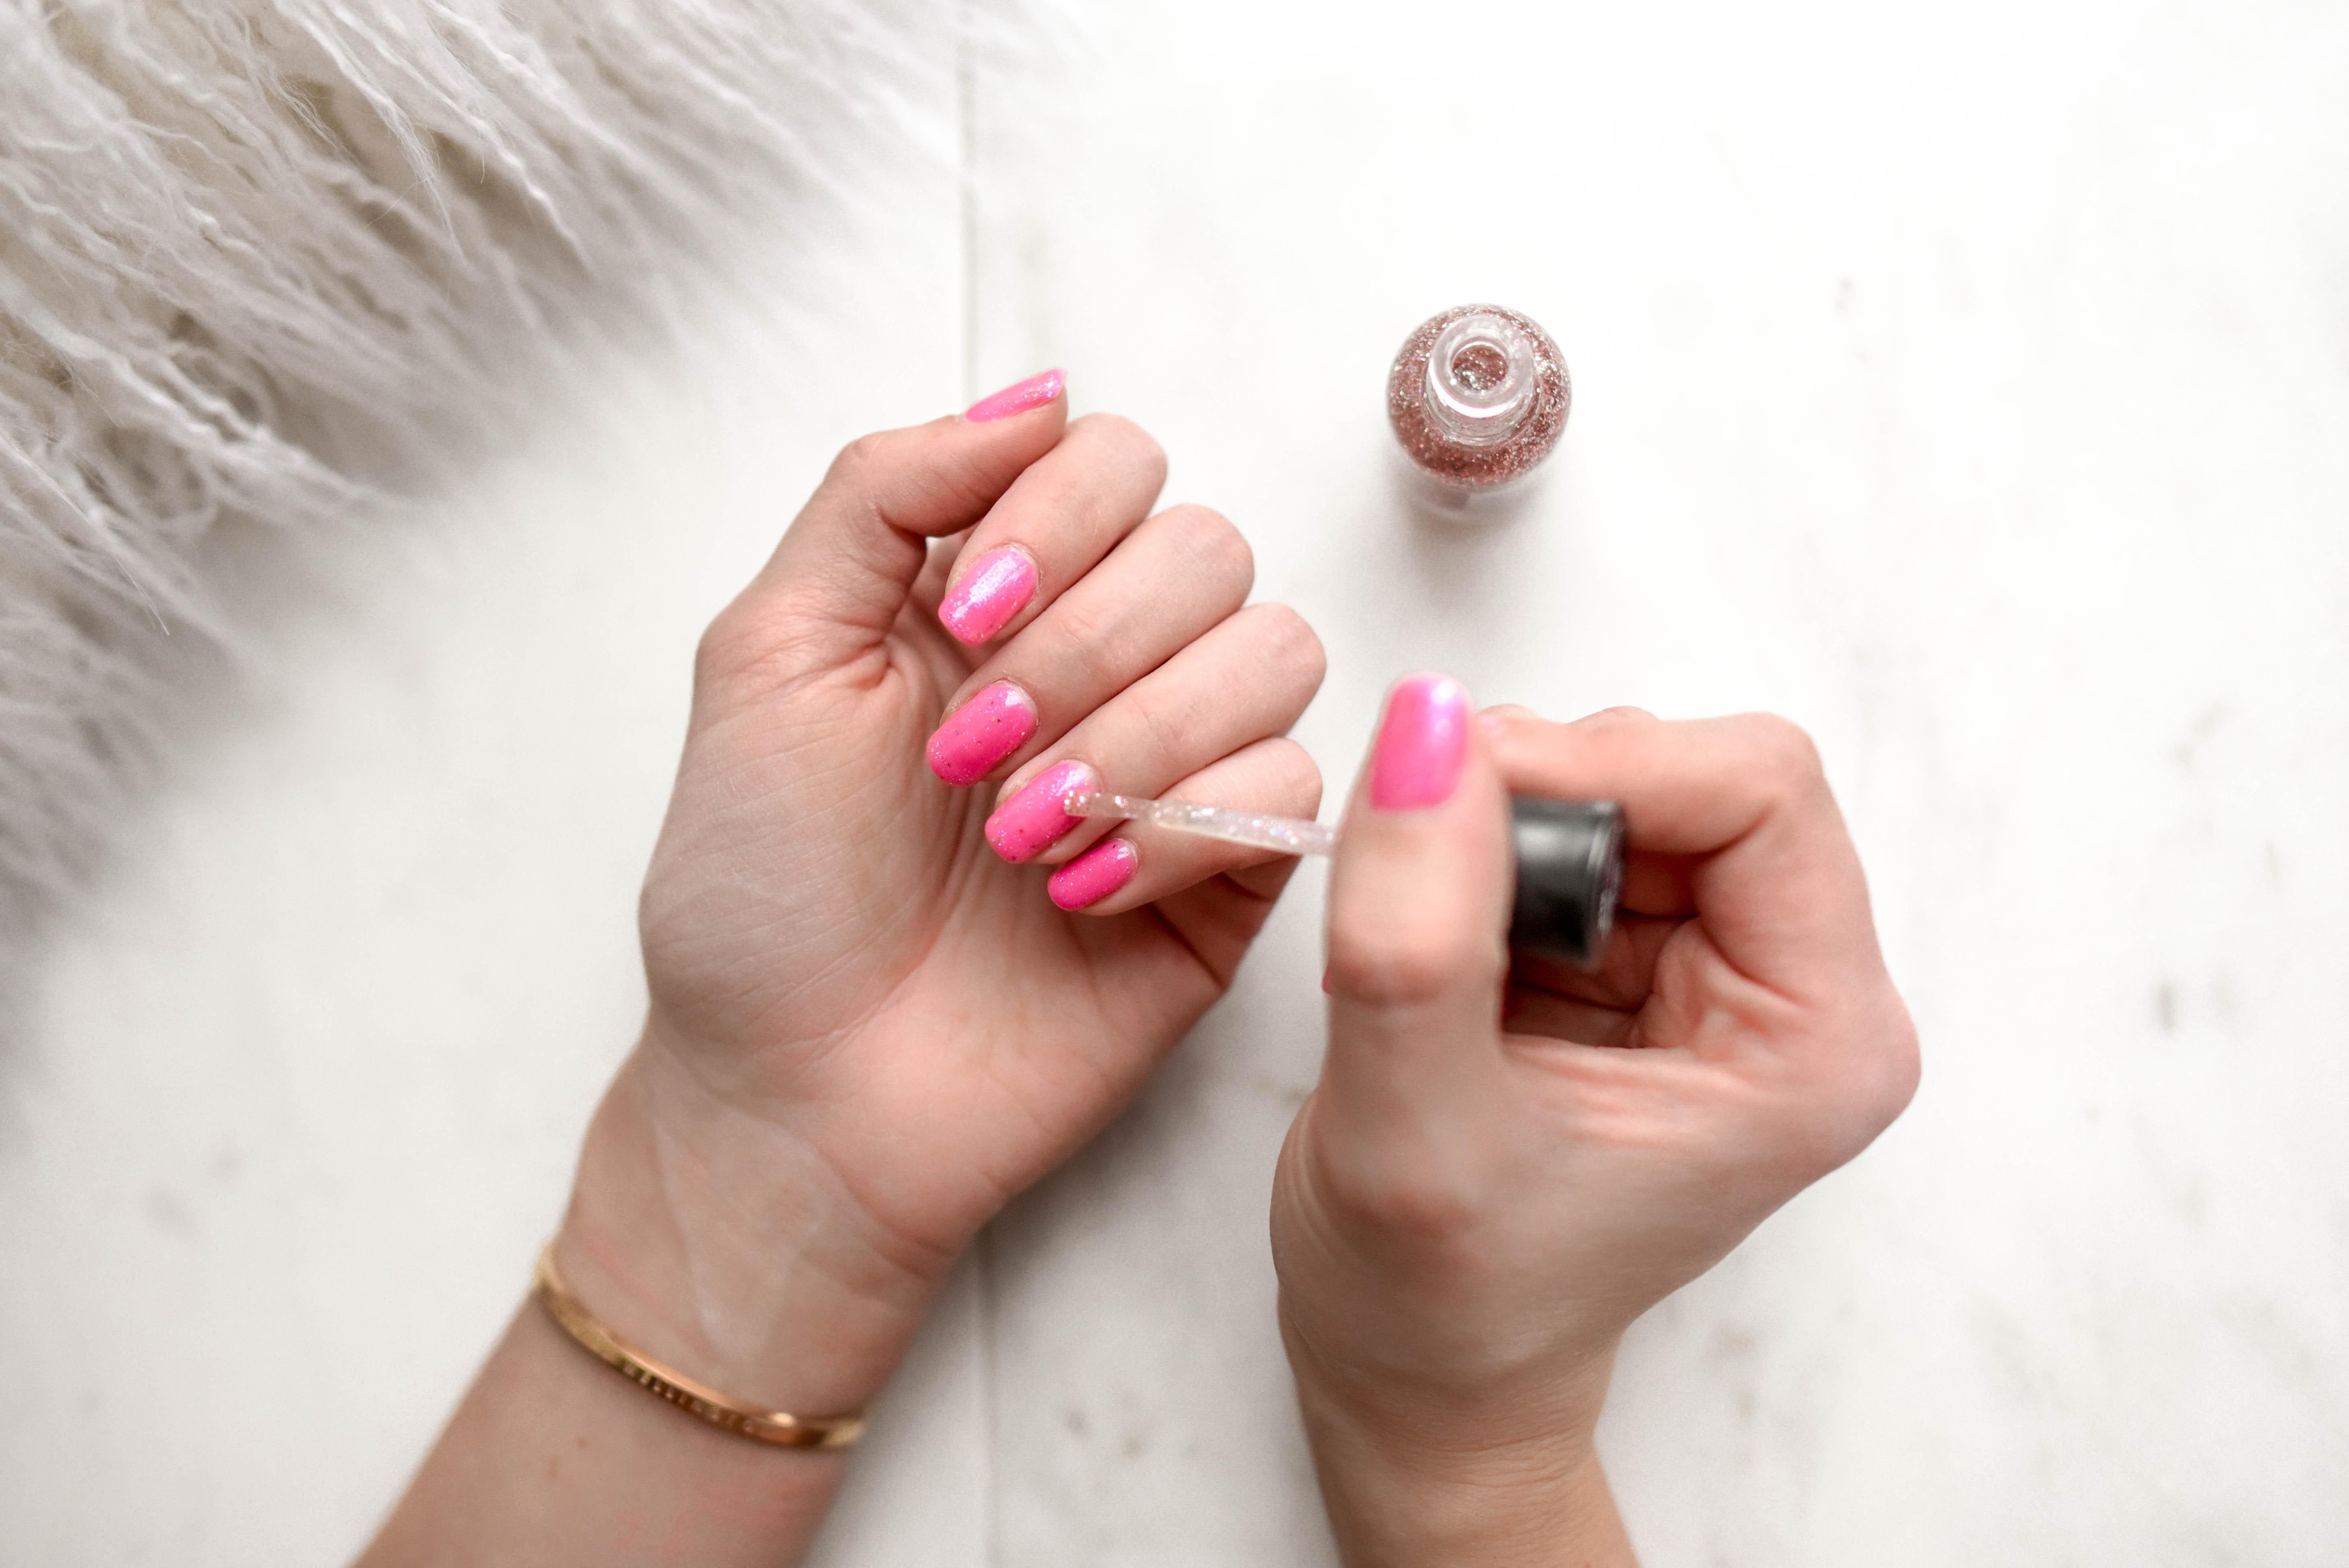 Quali smalti scegliere per unghie sempre di tendenza